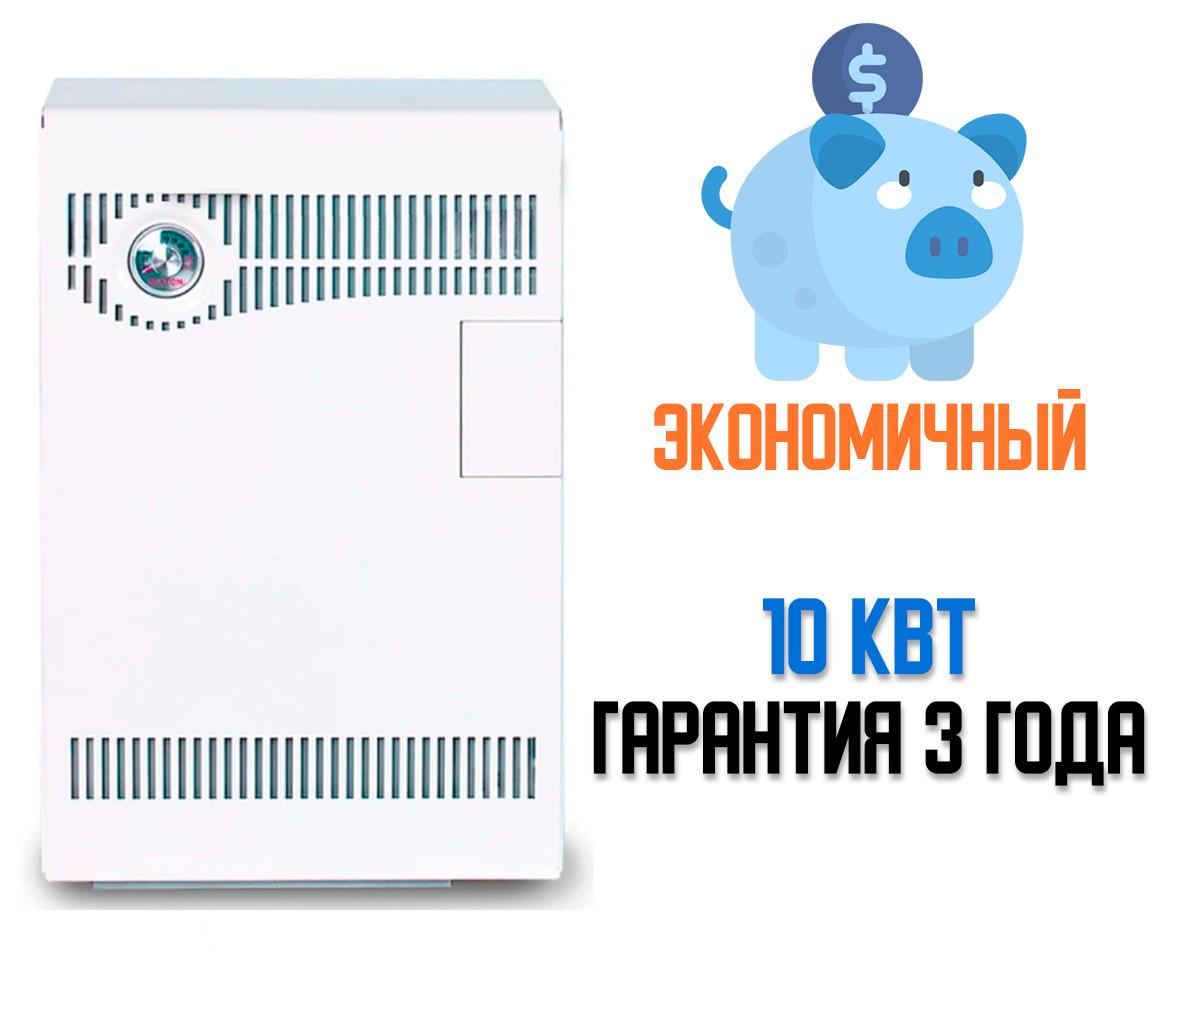 Газовый котел ATON Compact 10EB 10 кВт.Бесплатная доставка!